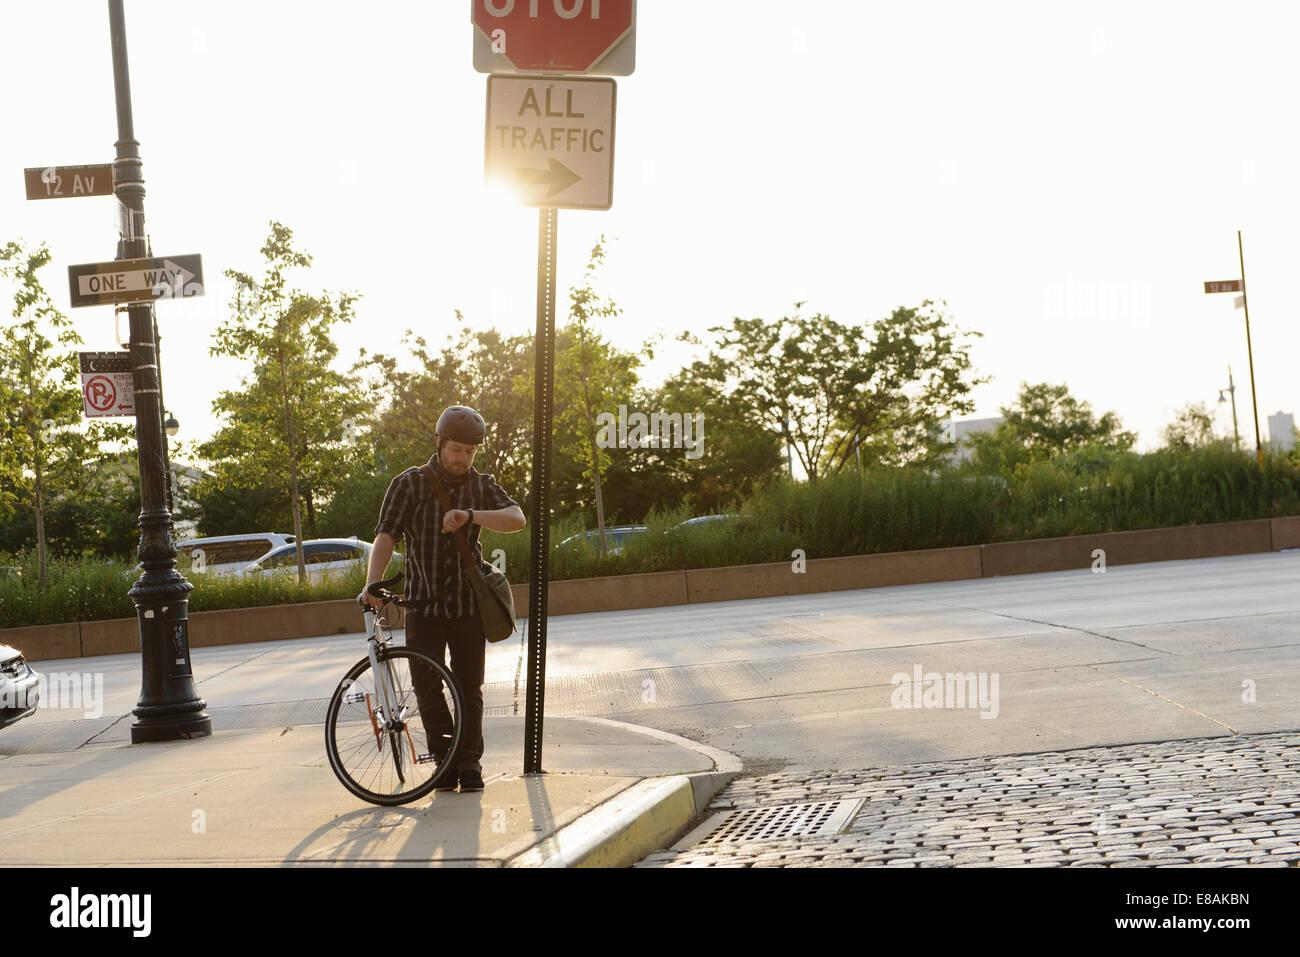 Ciclo masculino messenger el tiempo de revisión en carretera Imagen De Stock